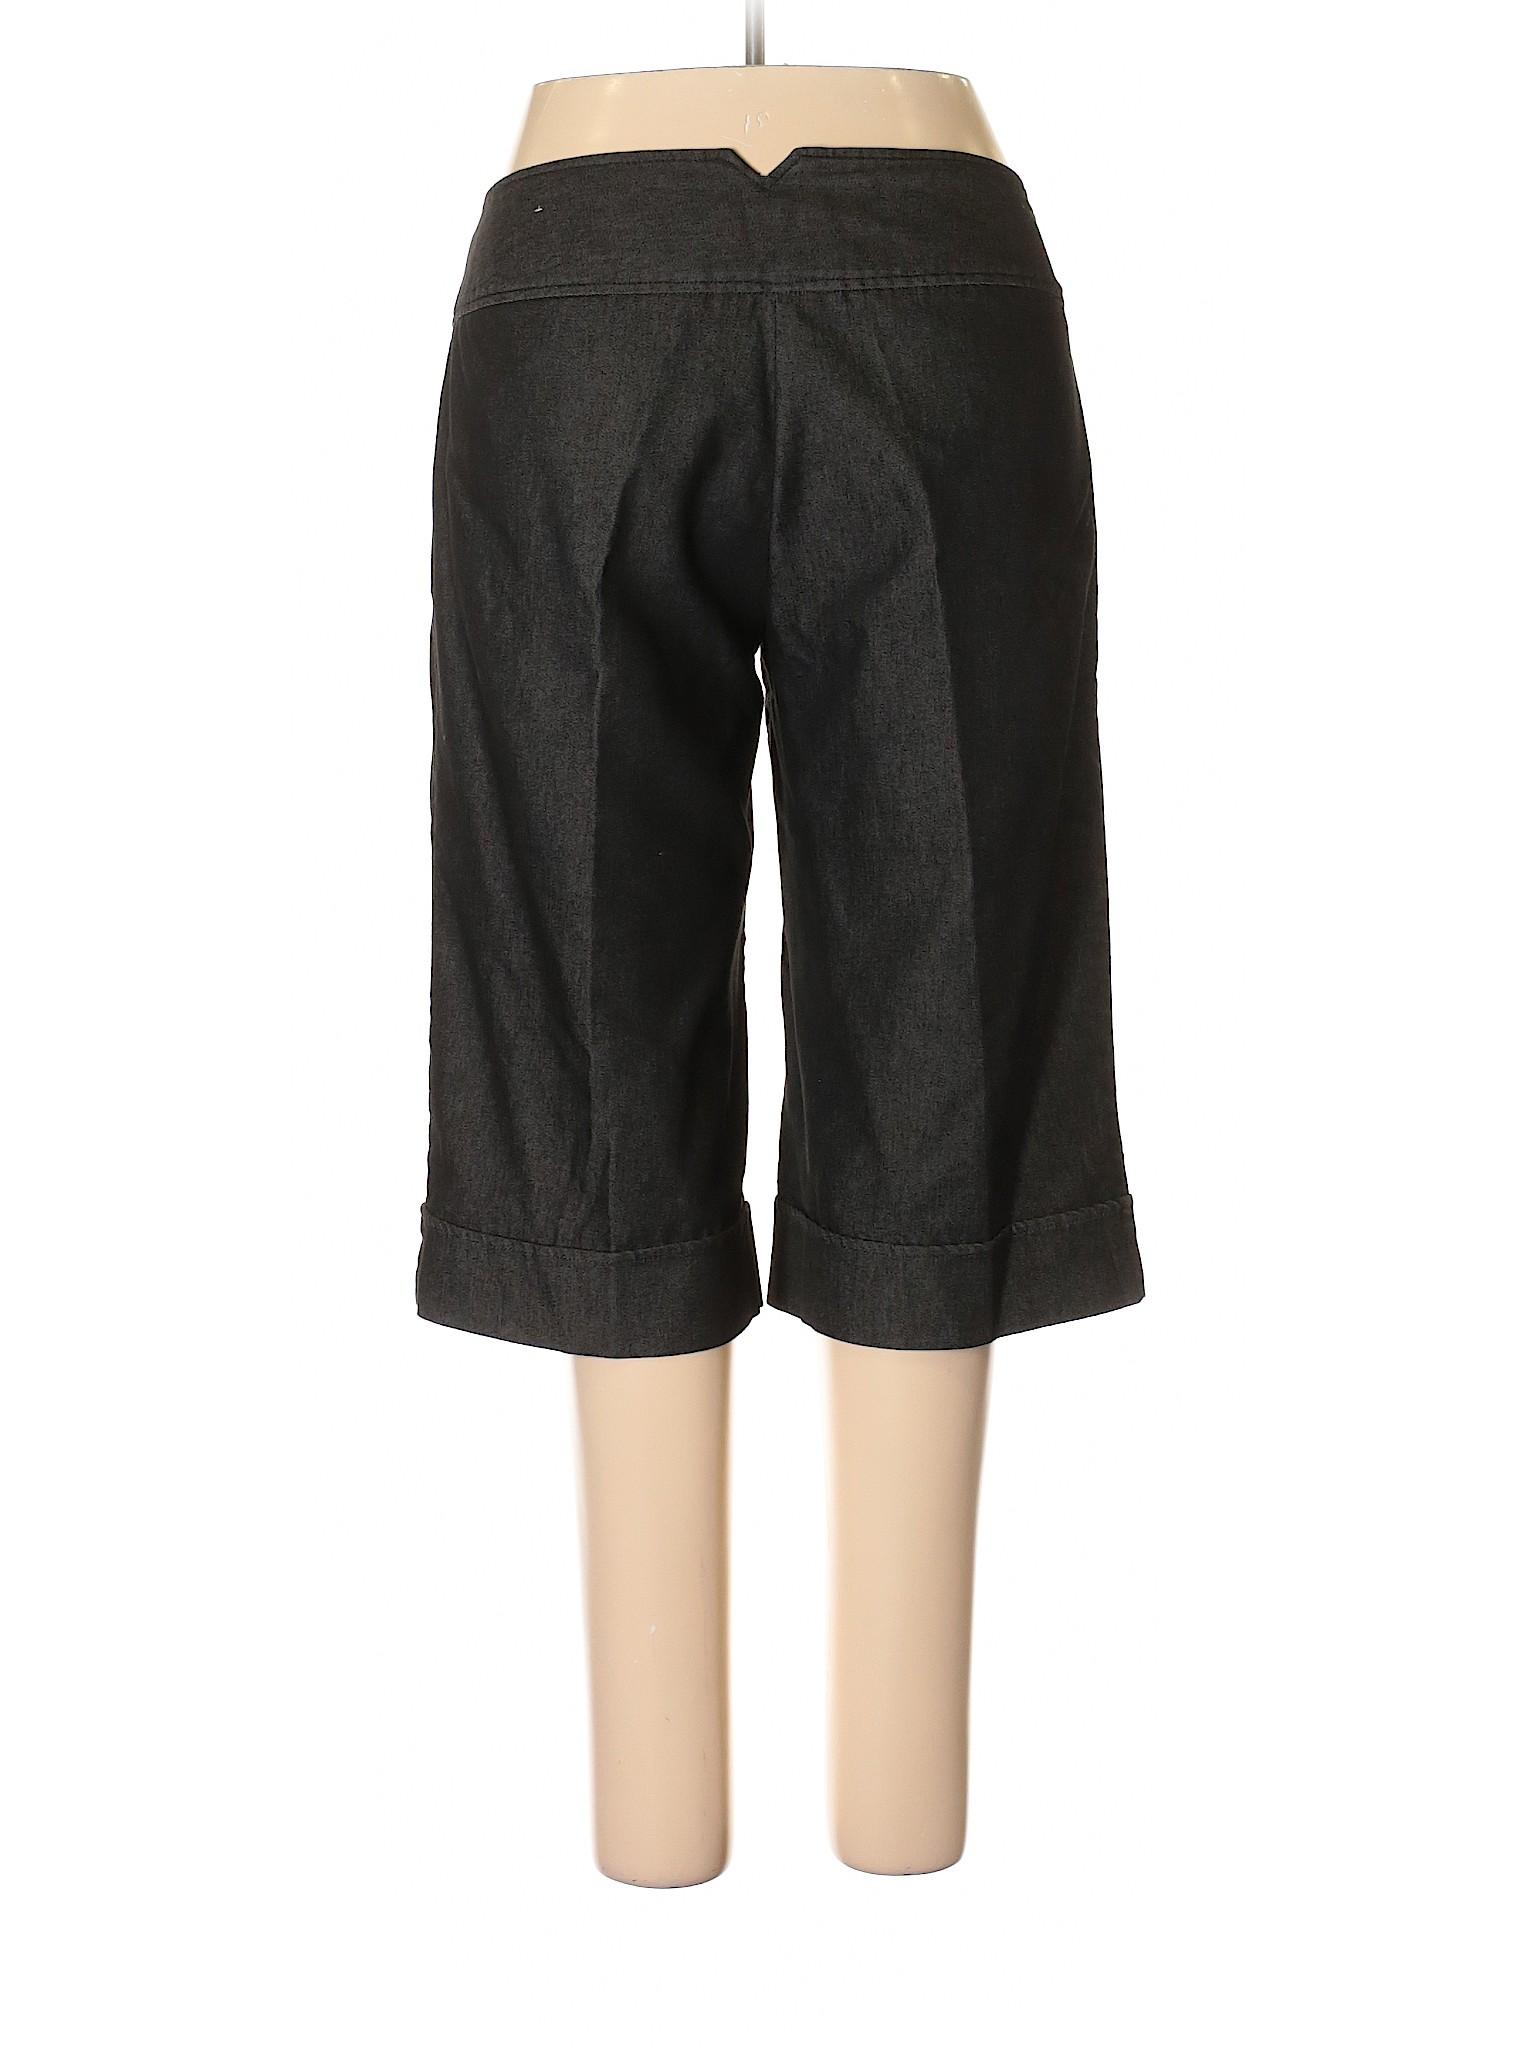 winter Boutique Studio Pants Casual 1940 80Cx1n